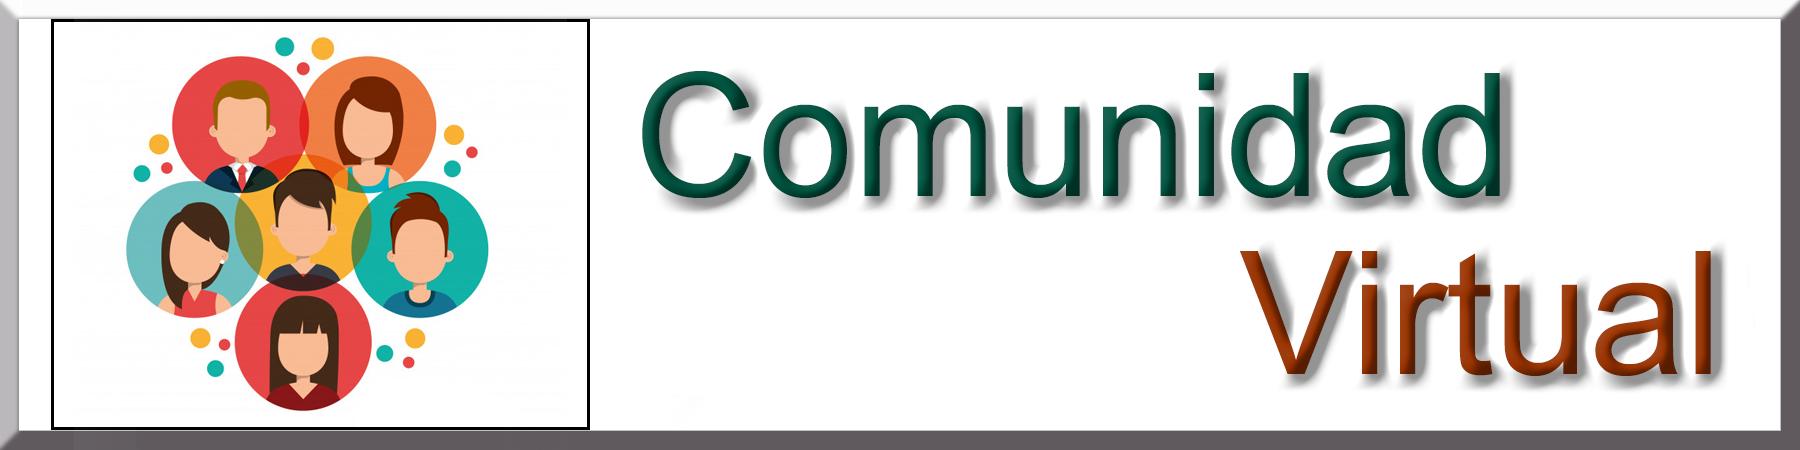 Comunidad Virtual